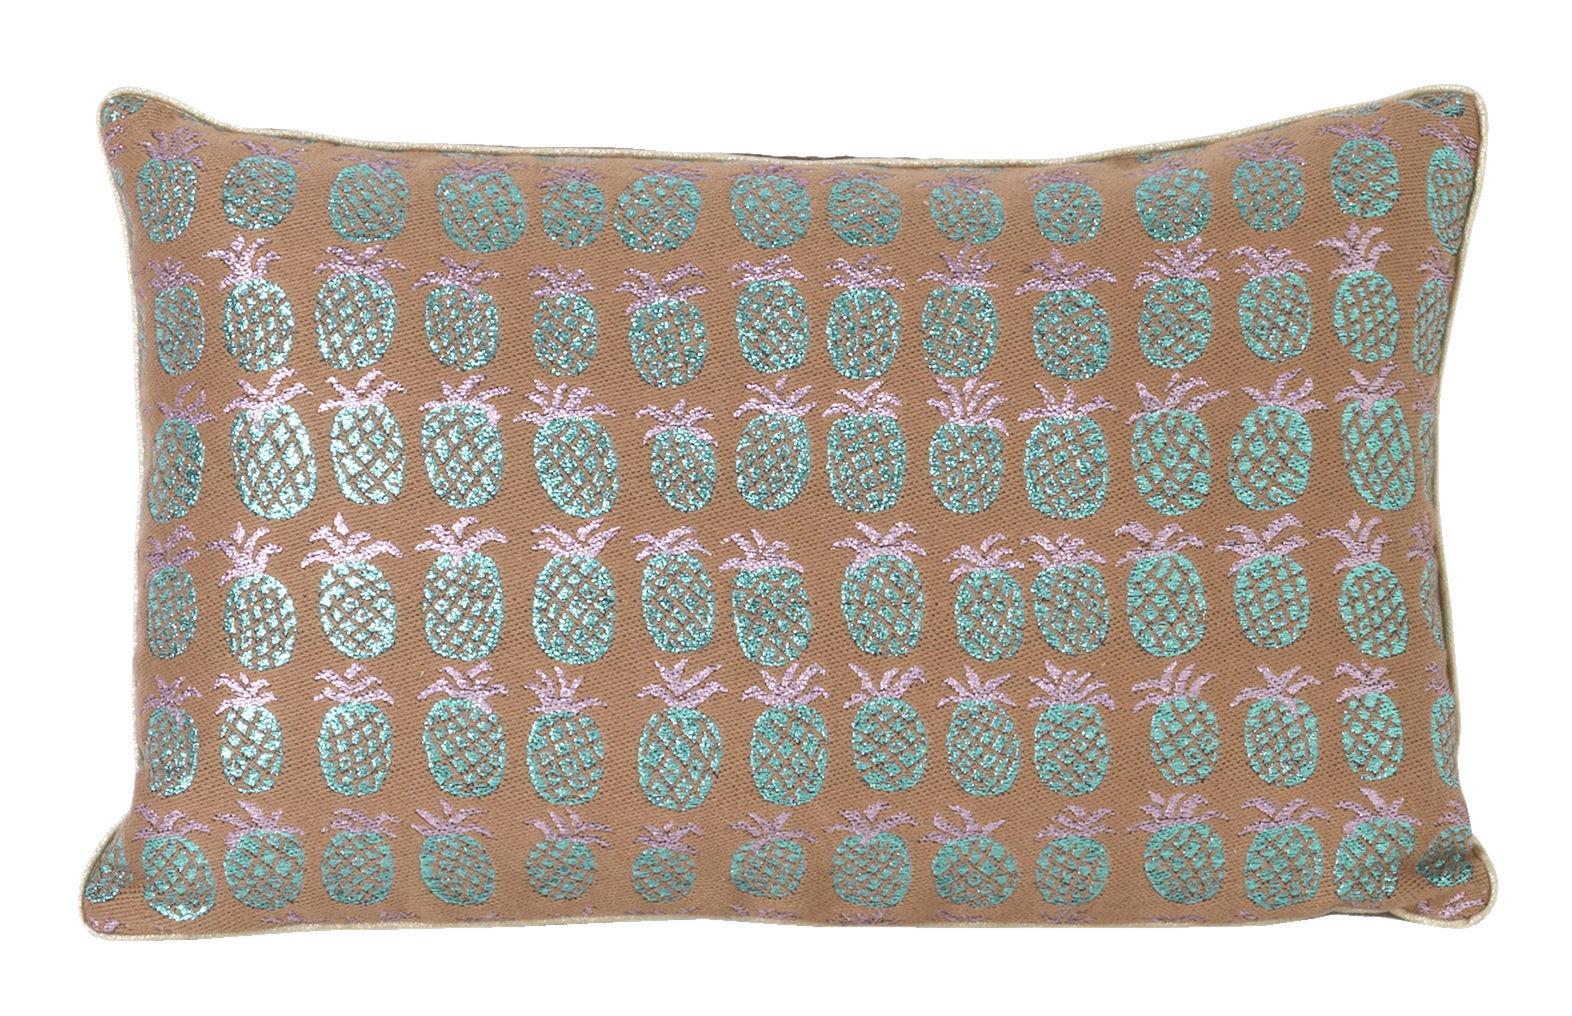 Déco - Coussins - Coussin Salon - Ananas / 40 x 25 cm - Ferm Living - Pêche & vert irisé -  Plumes, Mélange de fibres, Velours